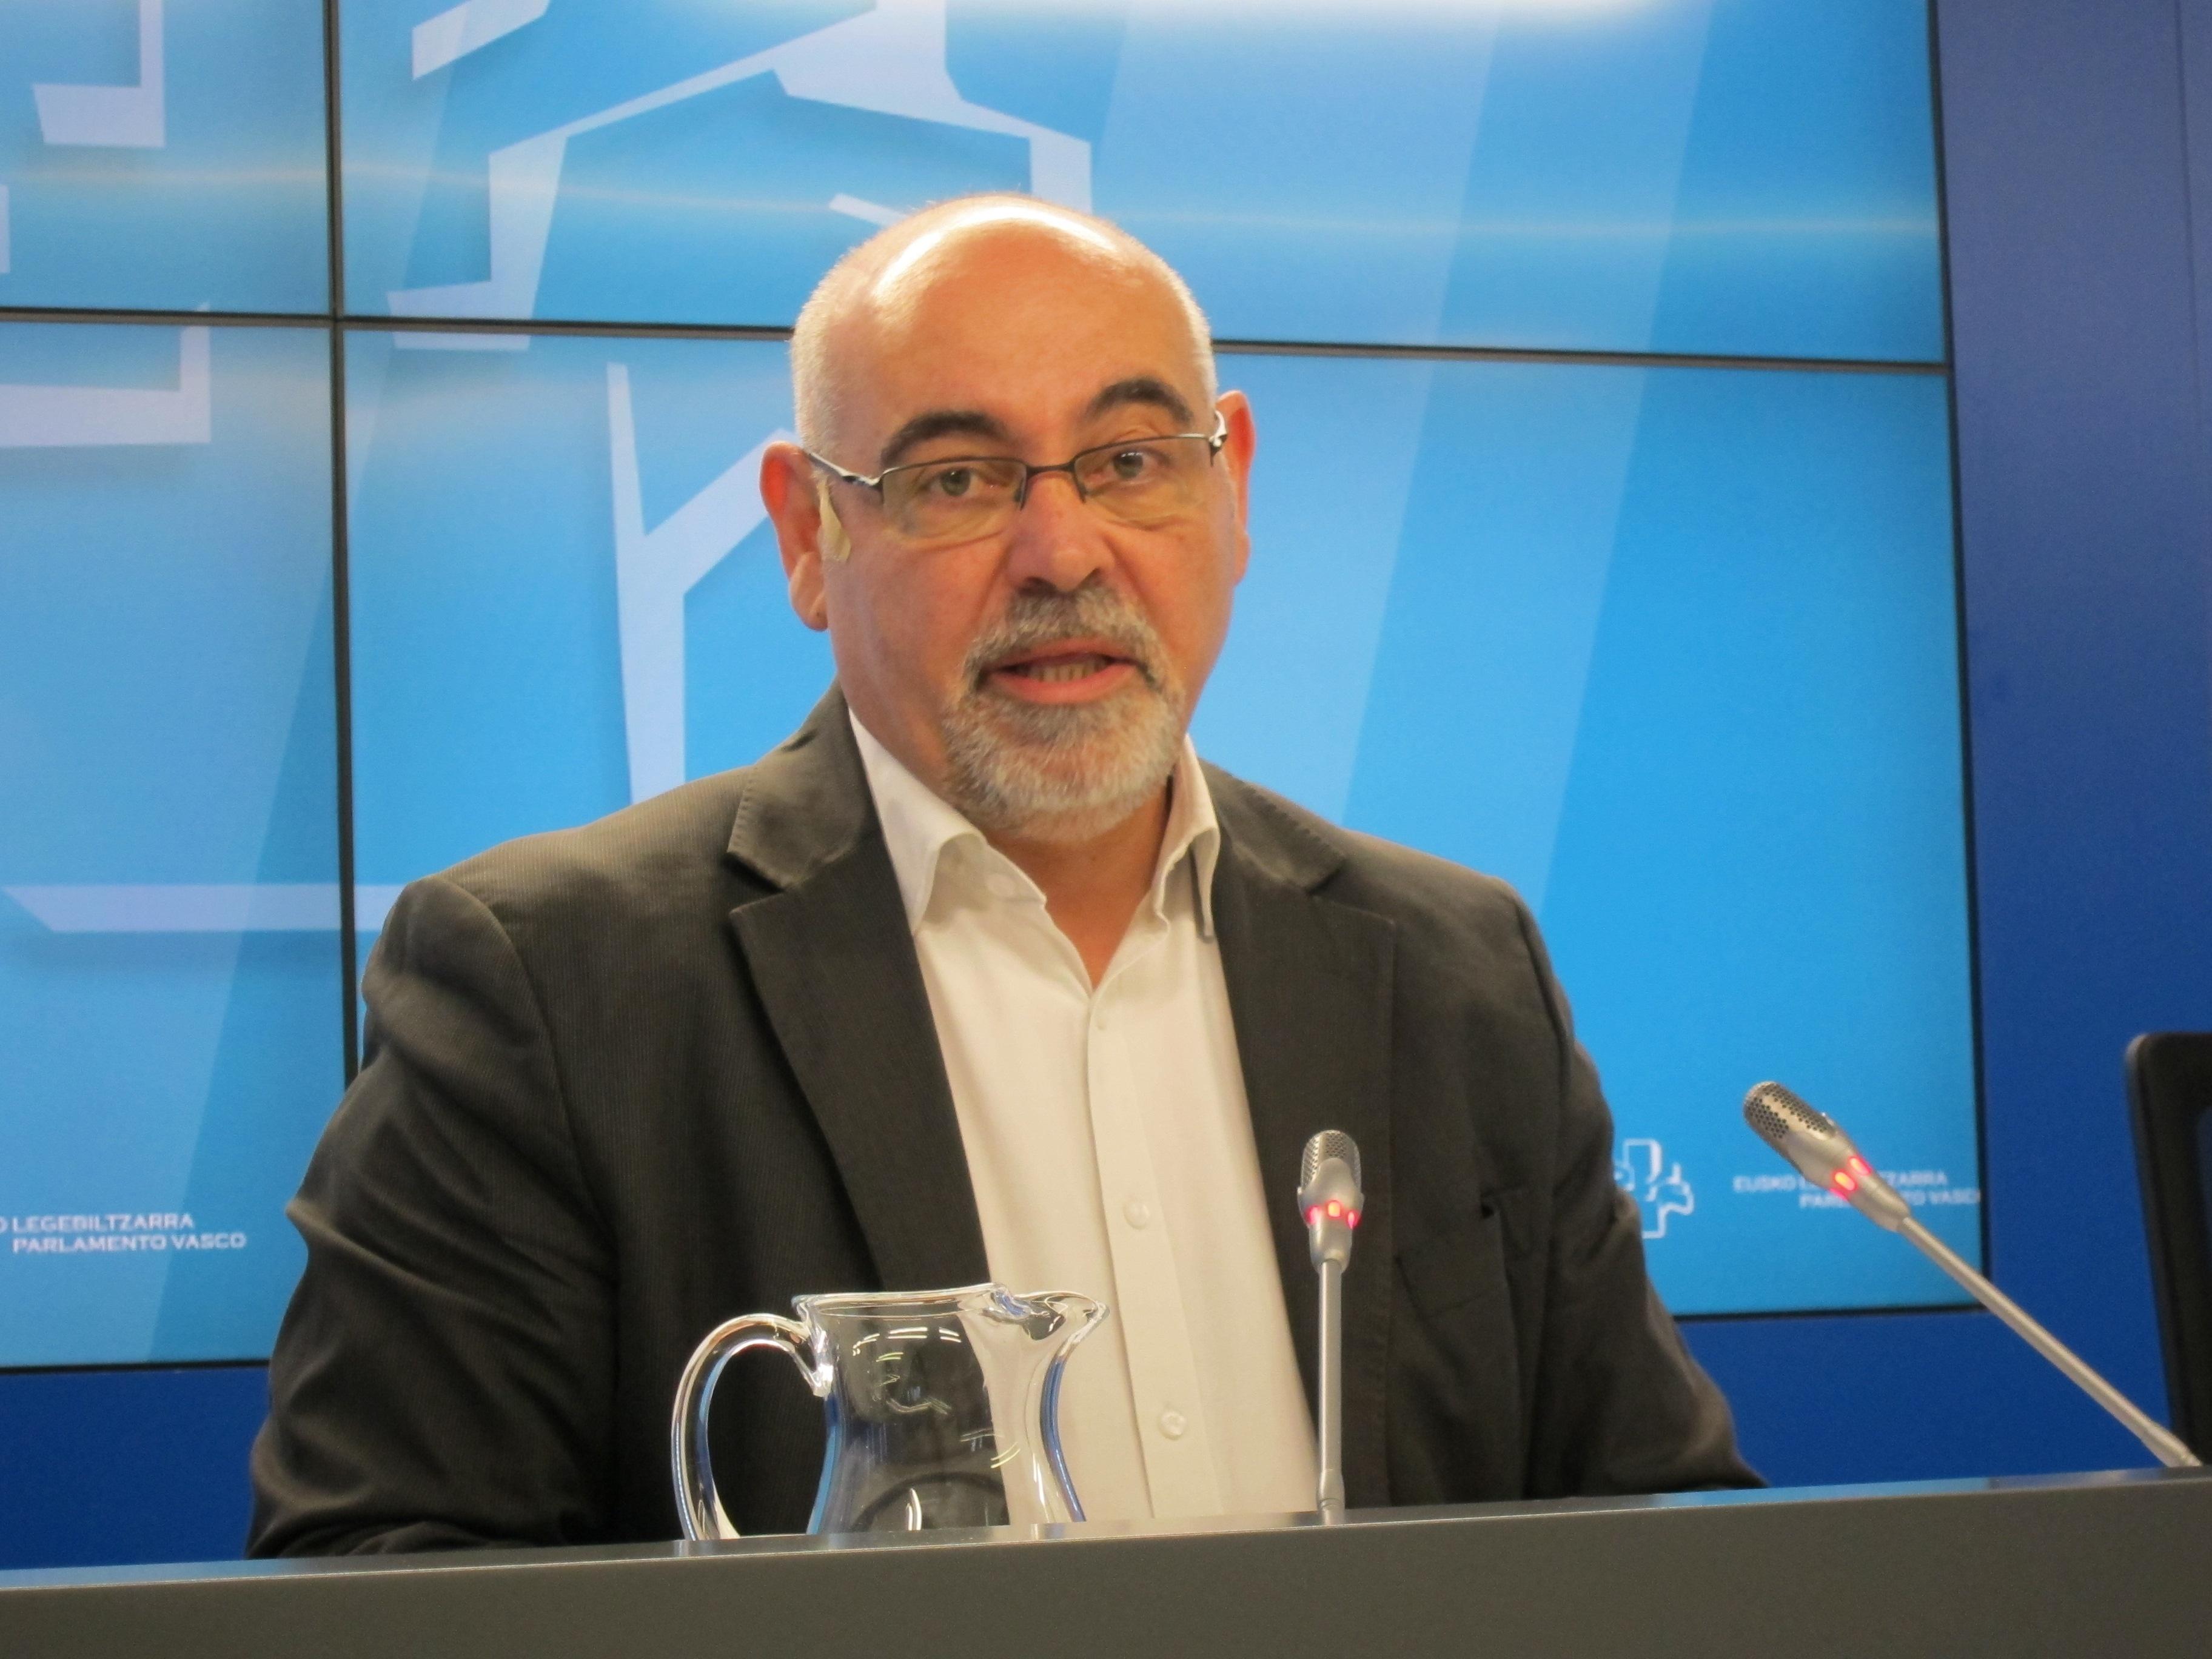 PSE ve «positivo» que el Gobierno vasco incluya el »suelo ético» en su Plan de Paz